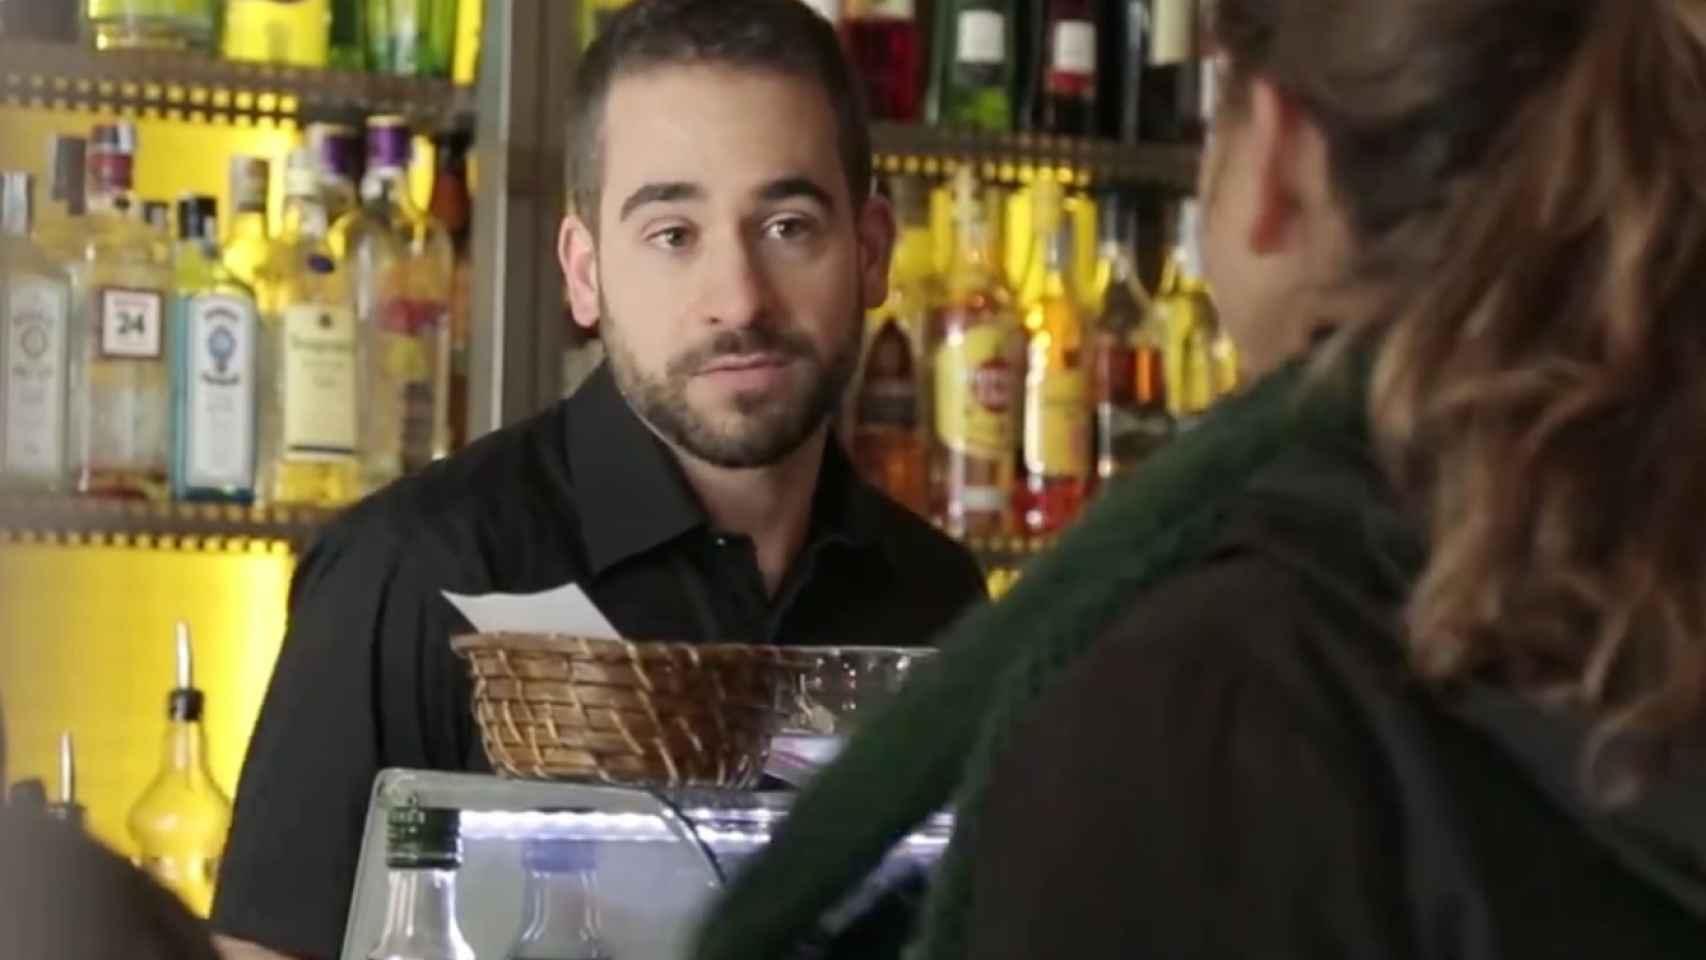 ¿Y si el camarero te hace pagar por lo que no han pagado otros?